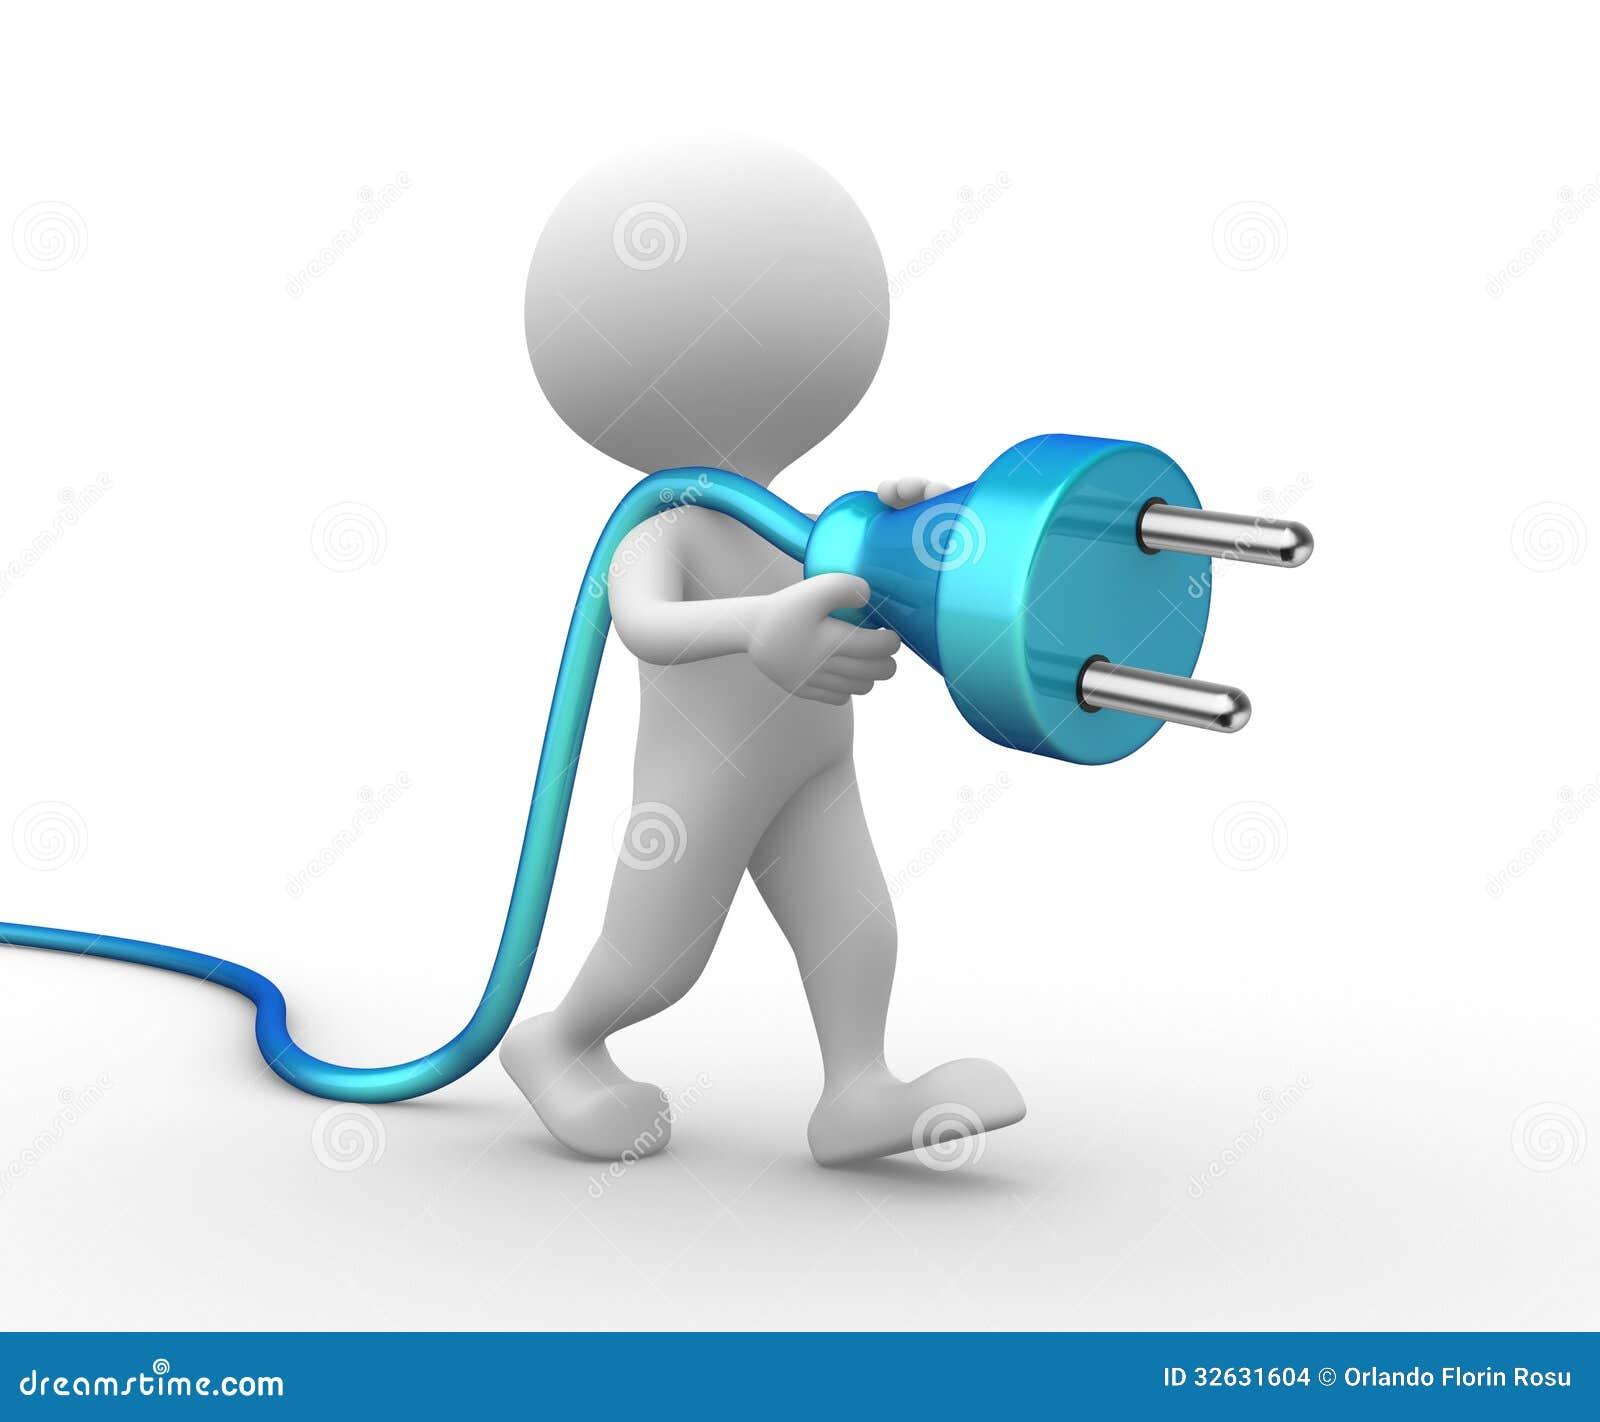 Homme 3d avec une prise lectrique - Refaire une prise electrique ...